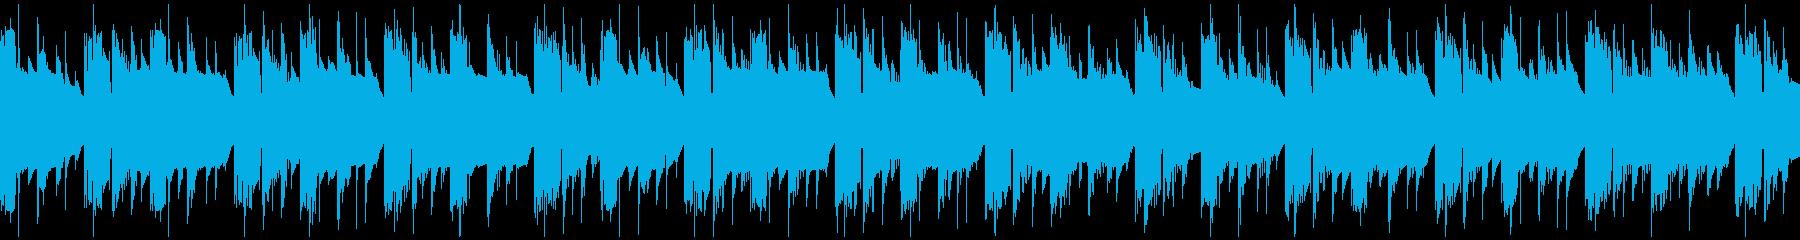 レトロなゲーム風BGM1 ループ仕様の再生済みの波形